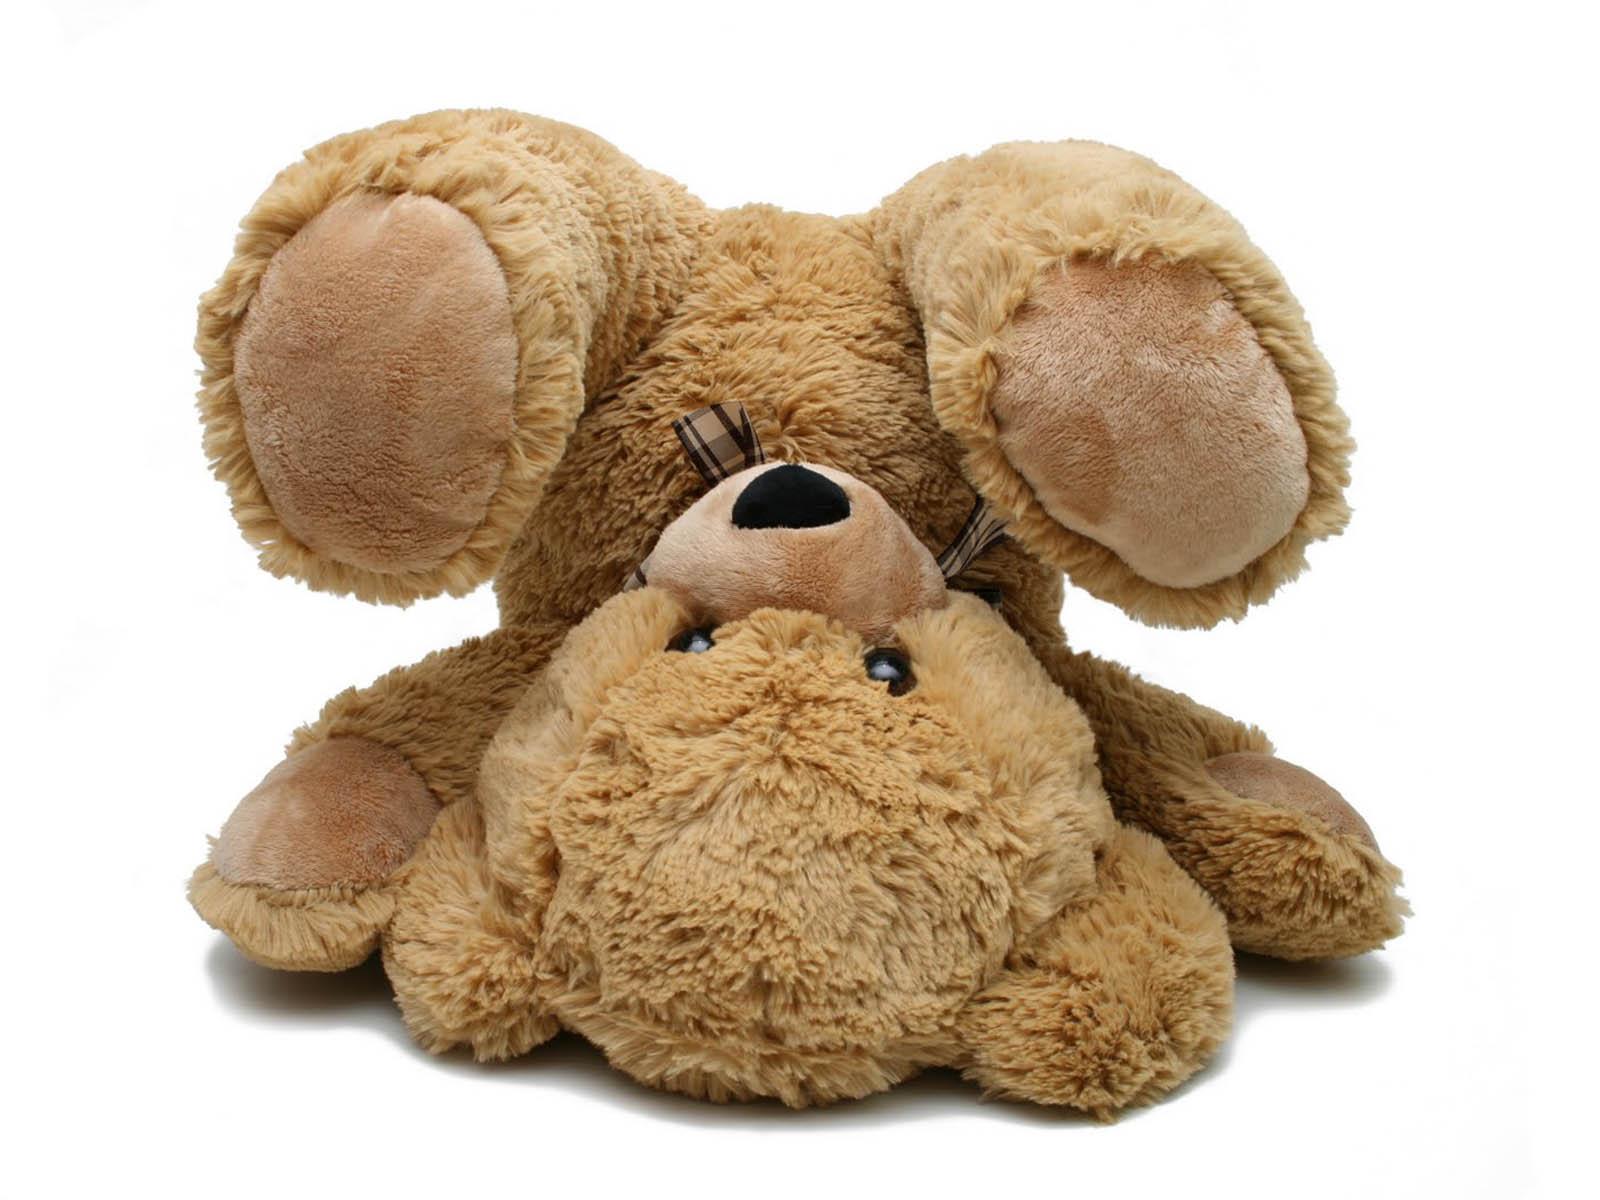 ... funny teddy...